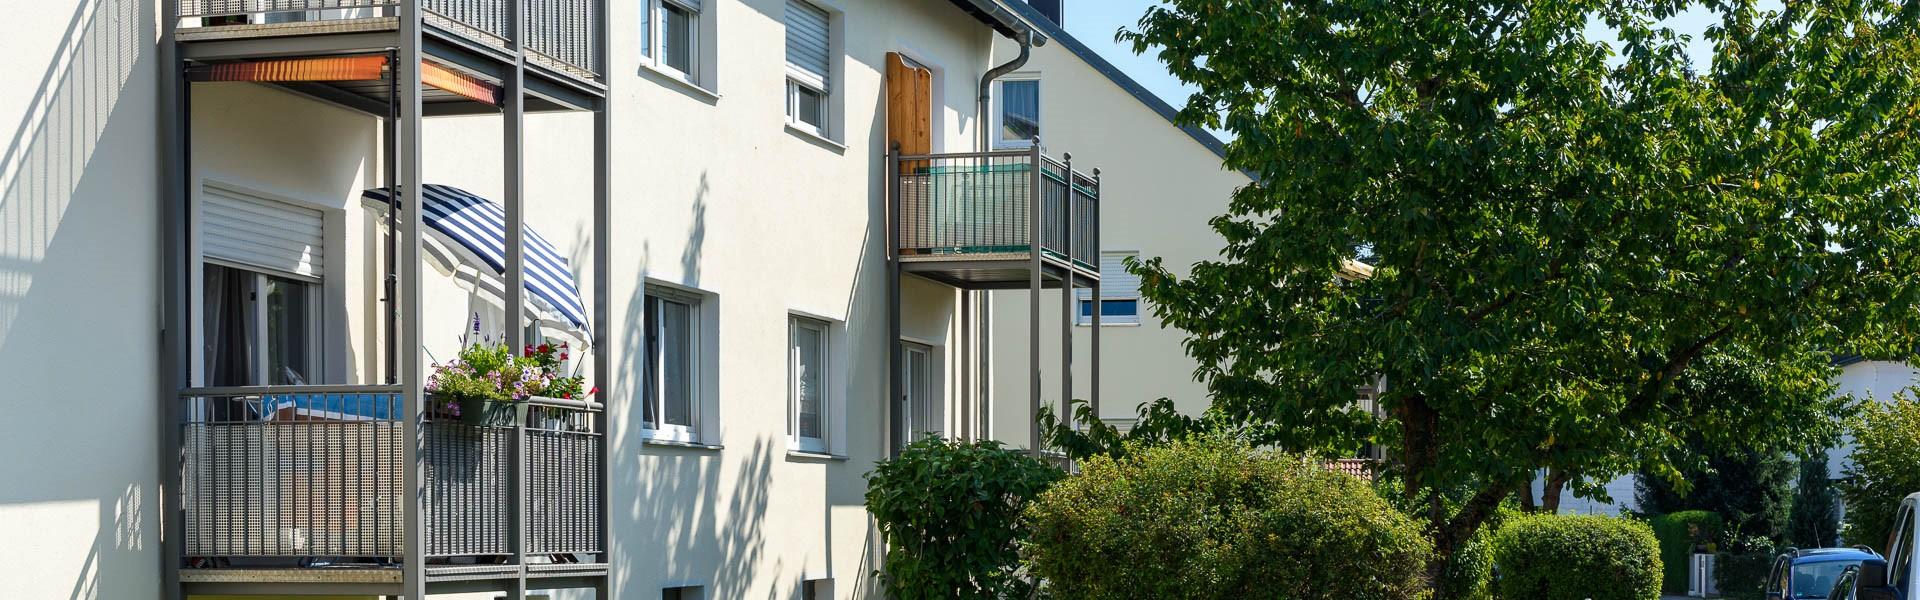 Scherer_Immobilien_Jahnstraße_Augsburg